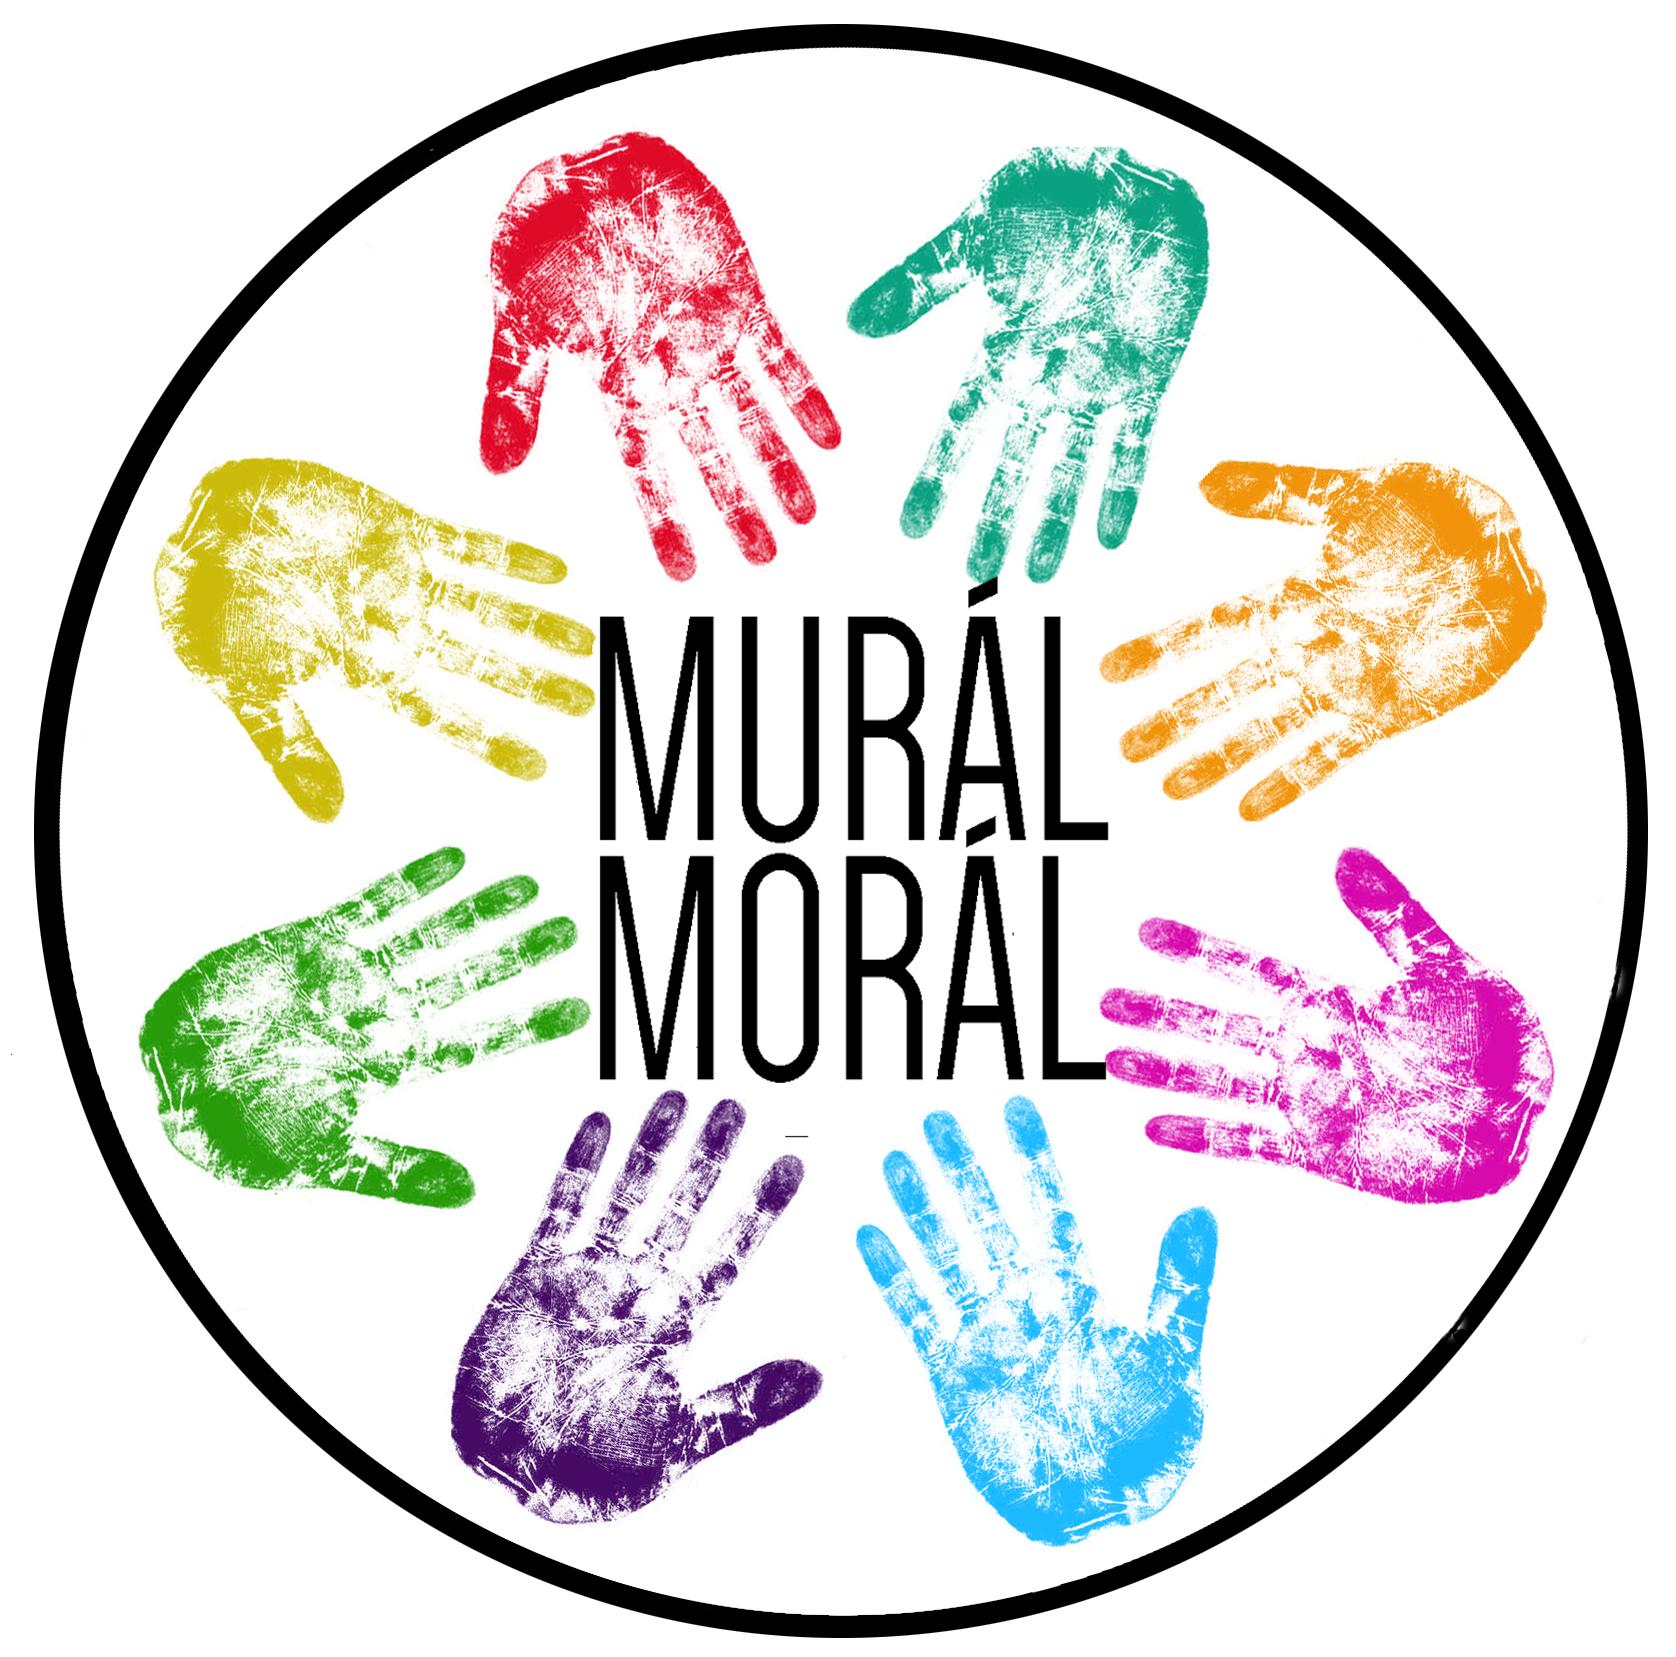 Mural Moral